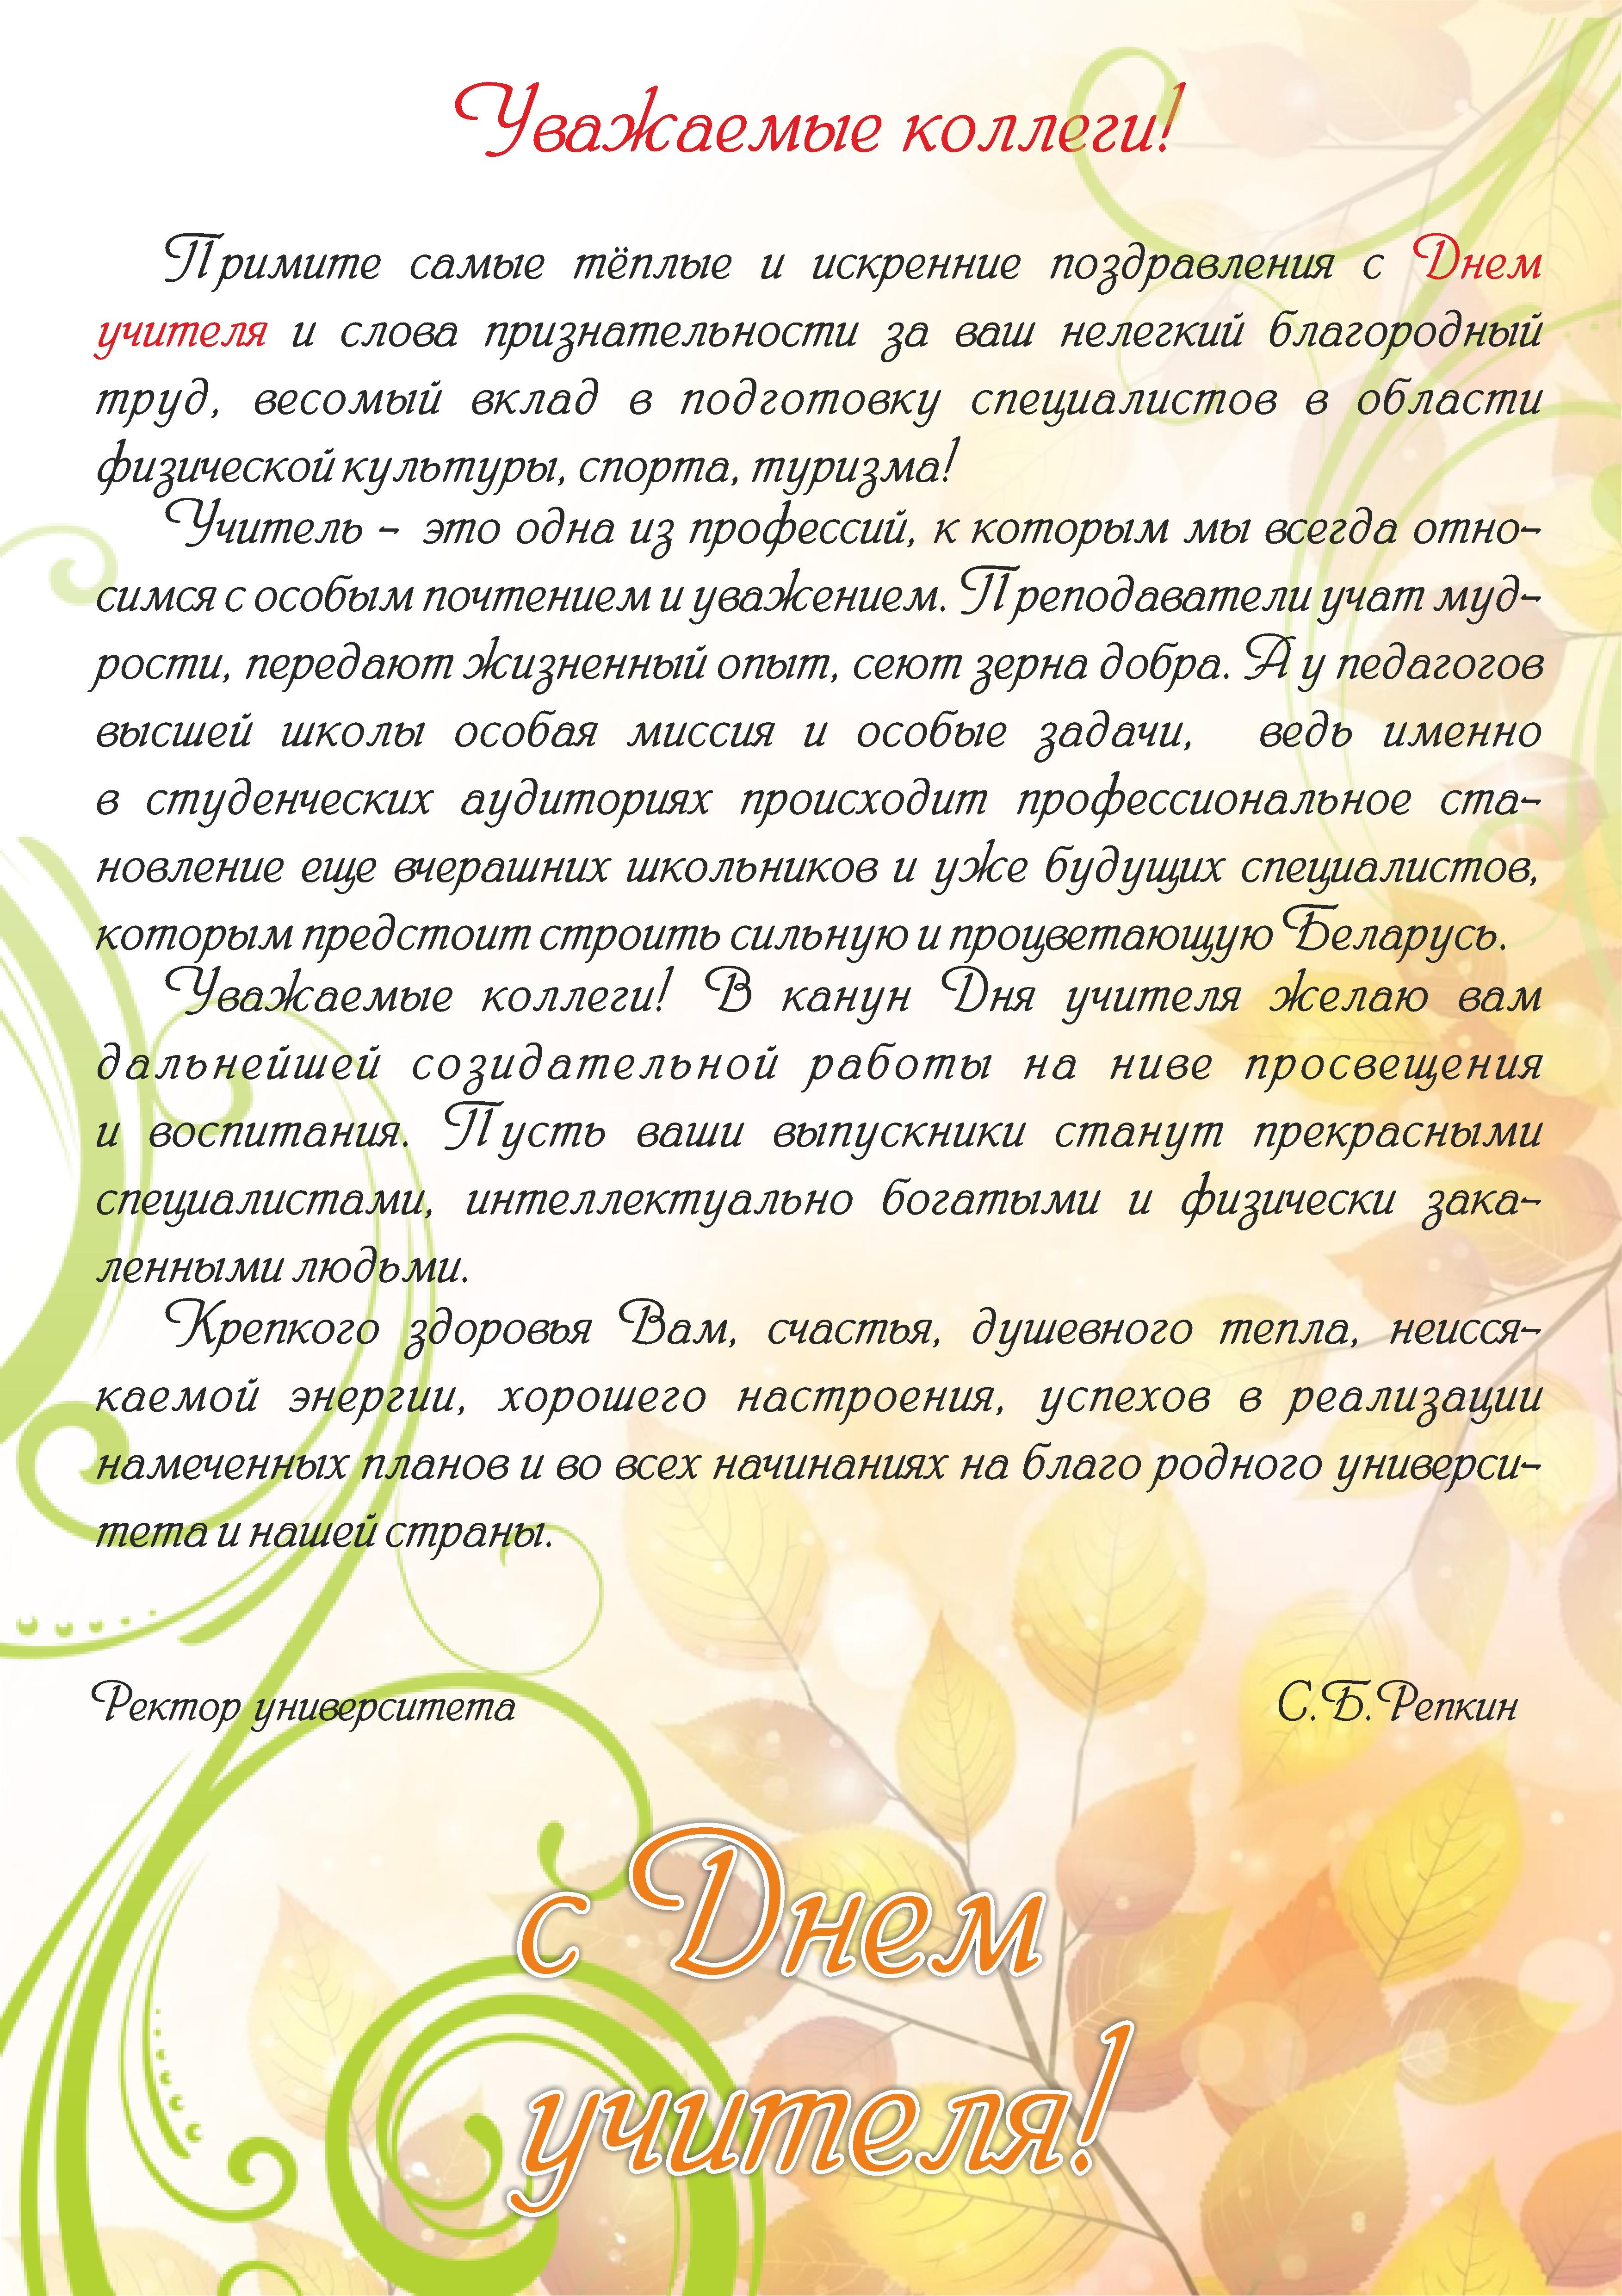 Поздравления с днем учителя учителю белорусского языка